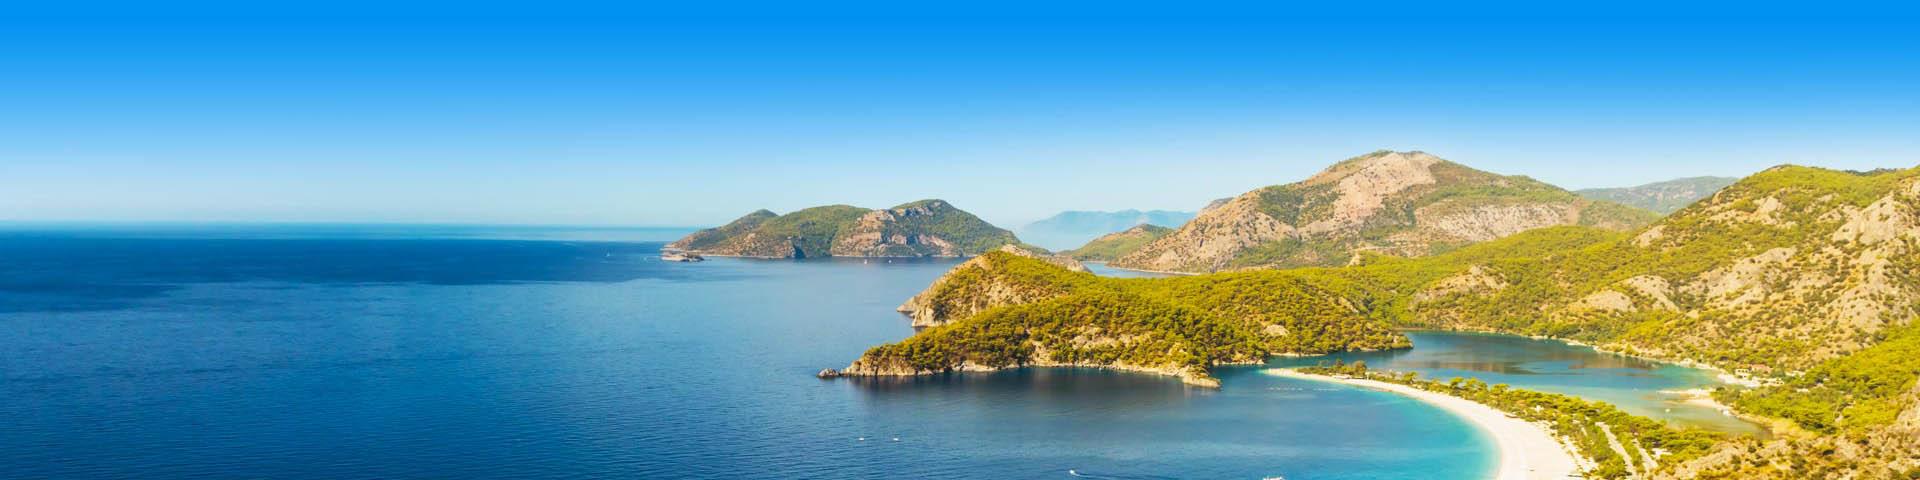 Groene kleine eilanden, in de Turkse Rivera. Met prachtig azuurblauwe zee en stranden